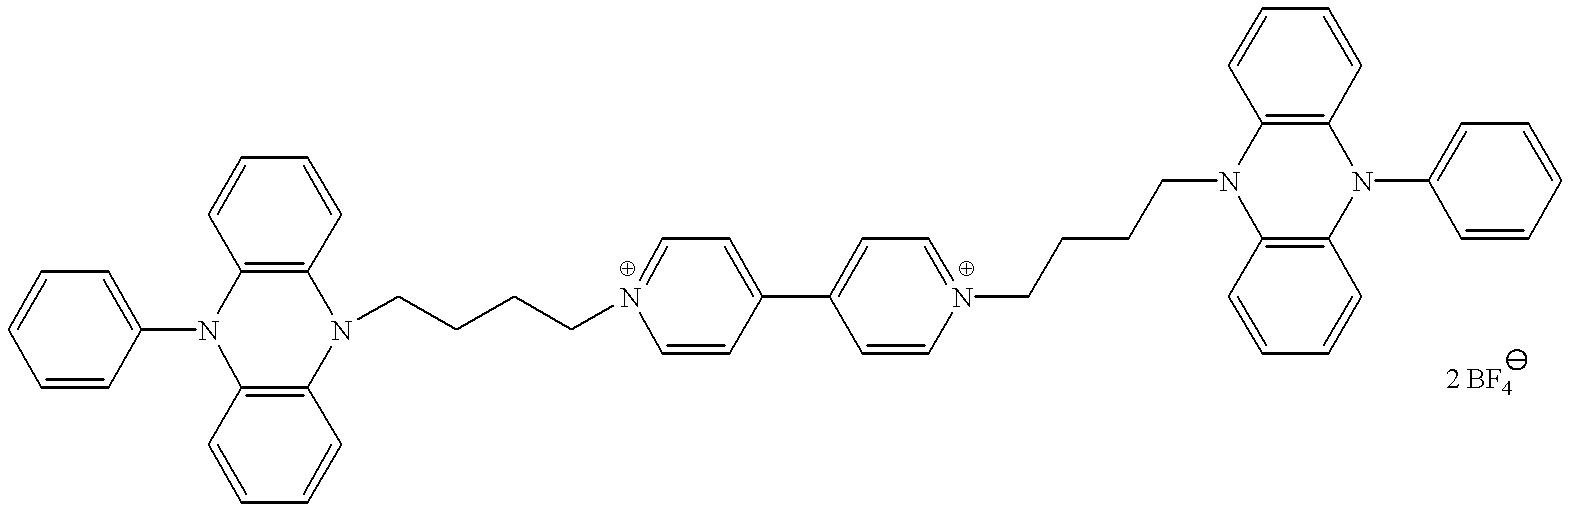 Figure US06241916-20010605-C00055